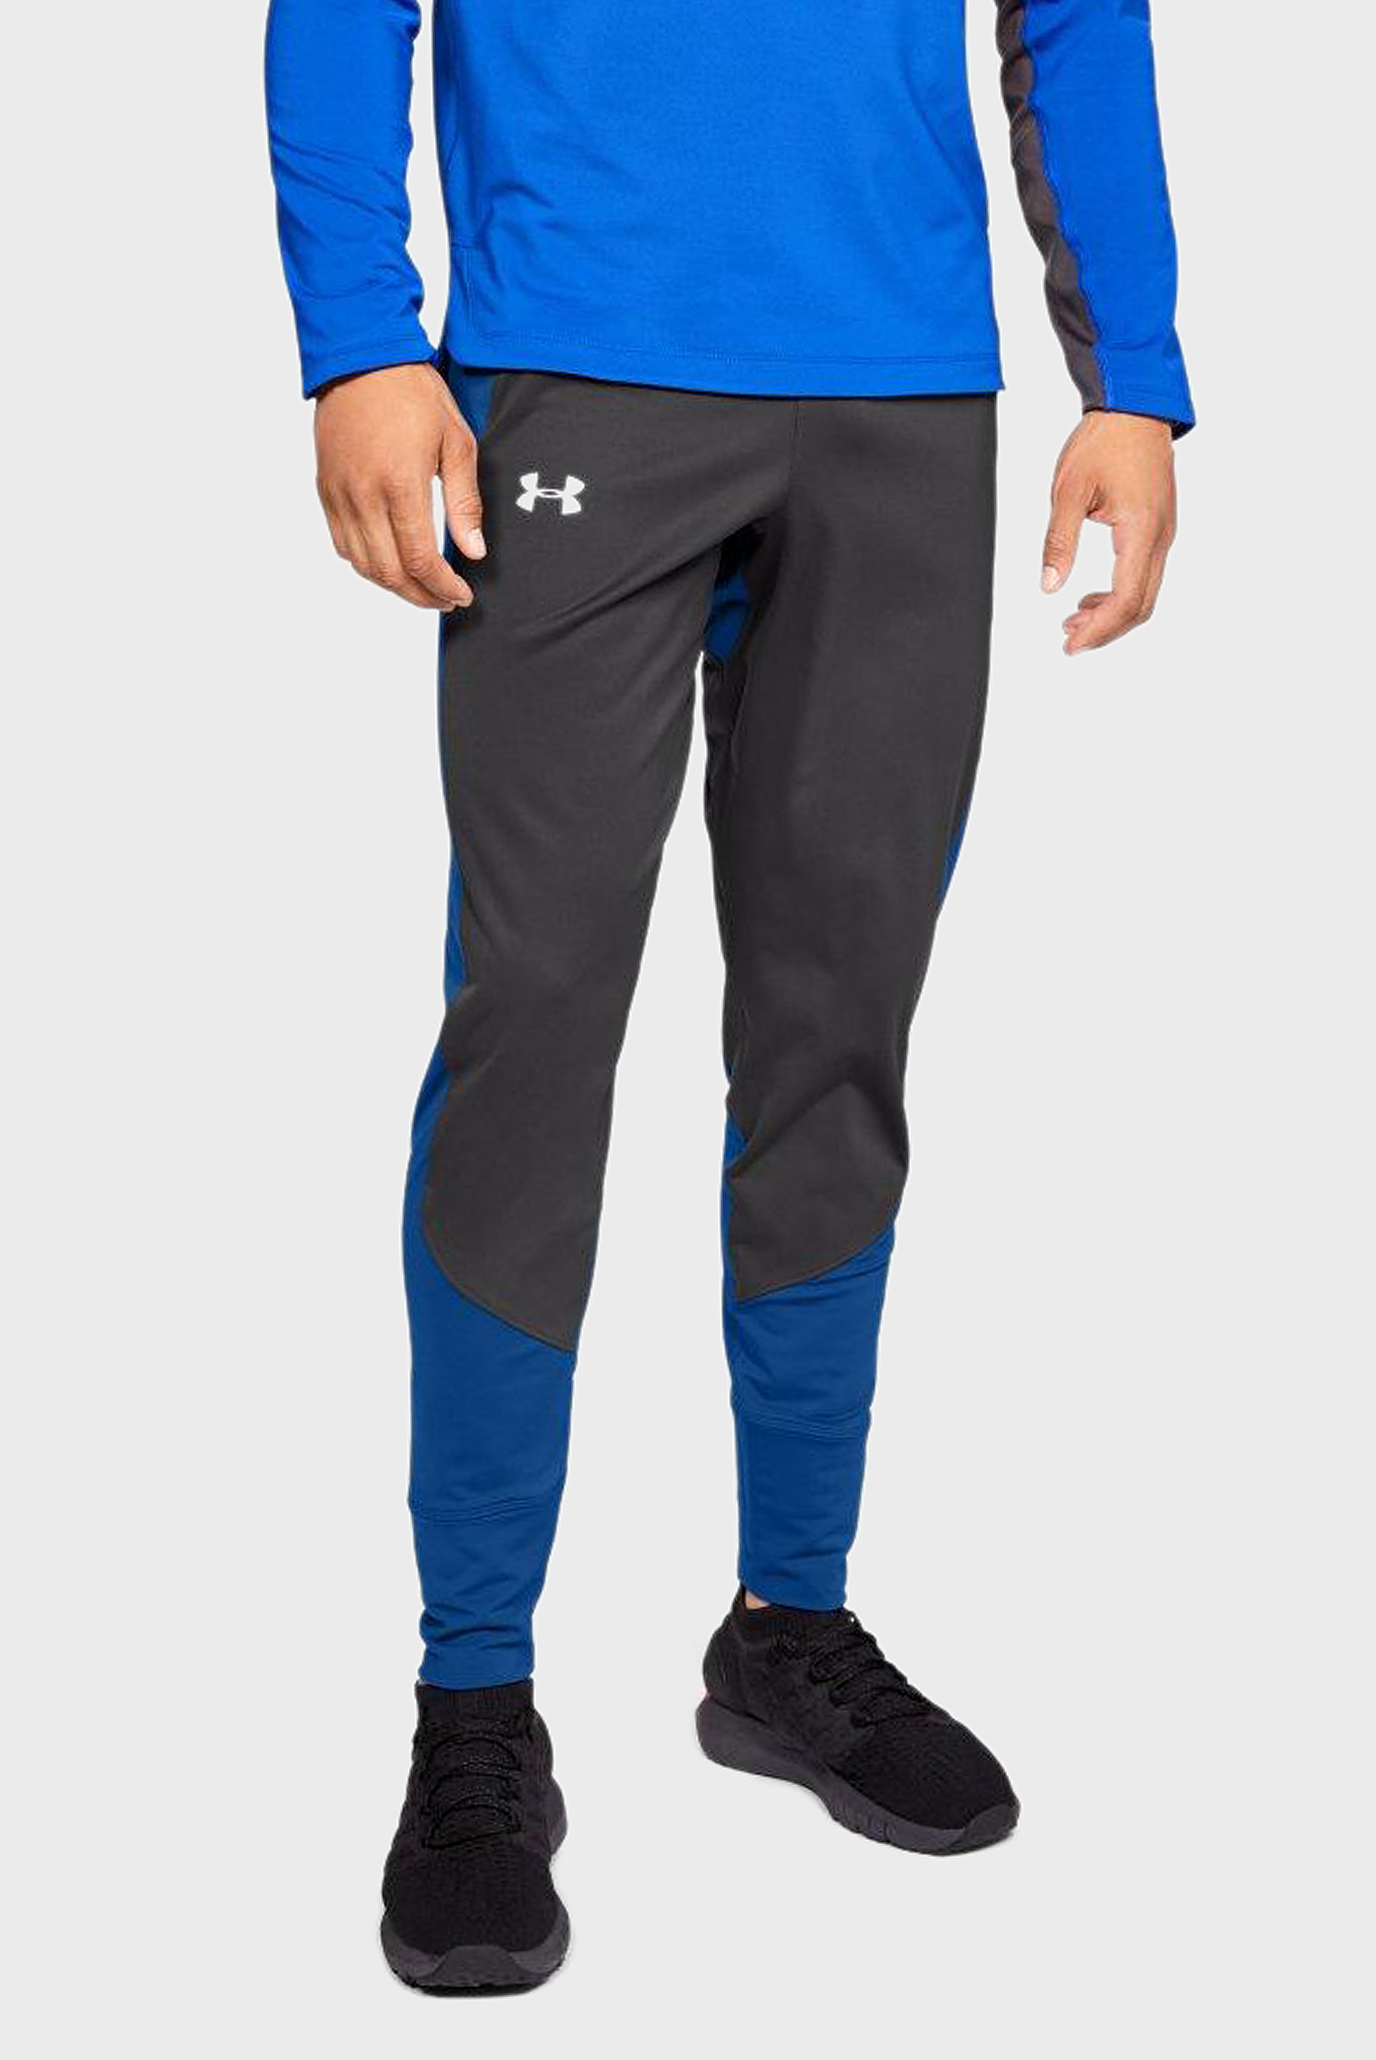 Мужские серые спортивные брюки CG REACTOR RUN SP Under Armour